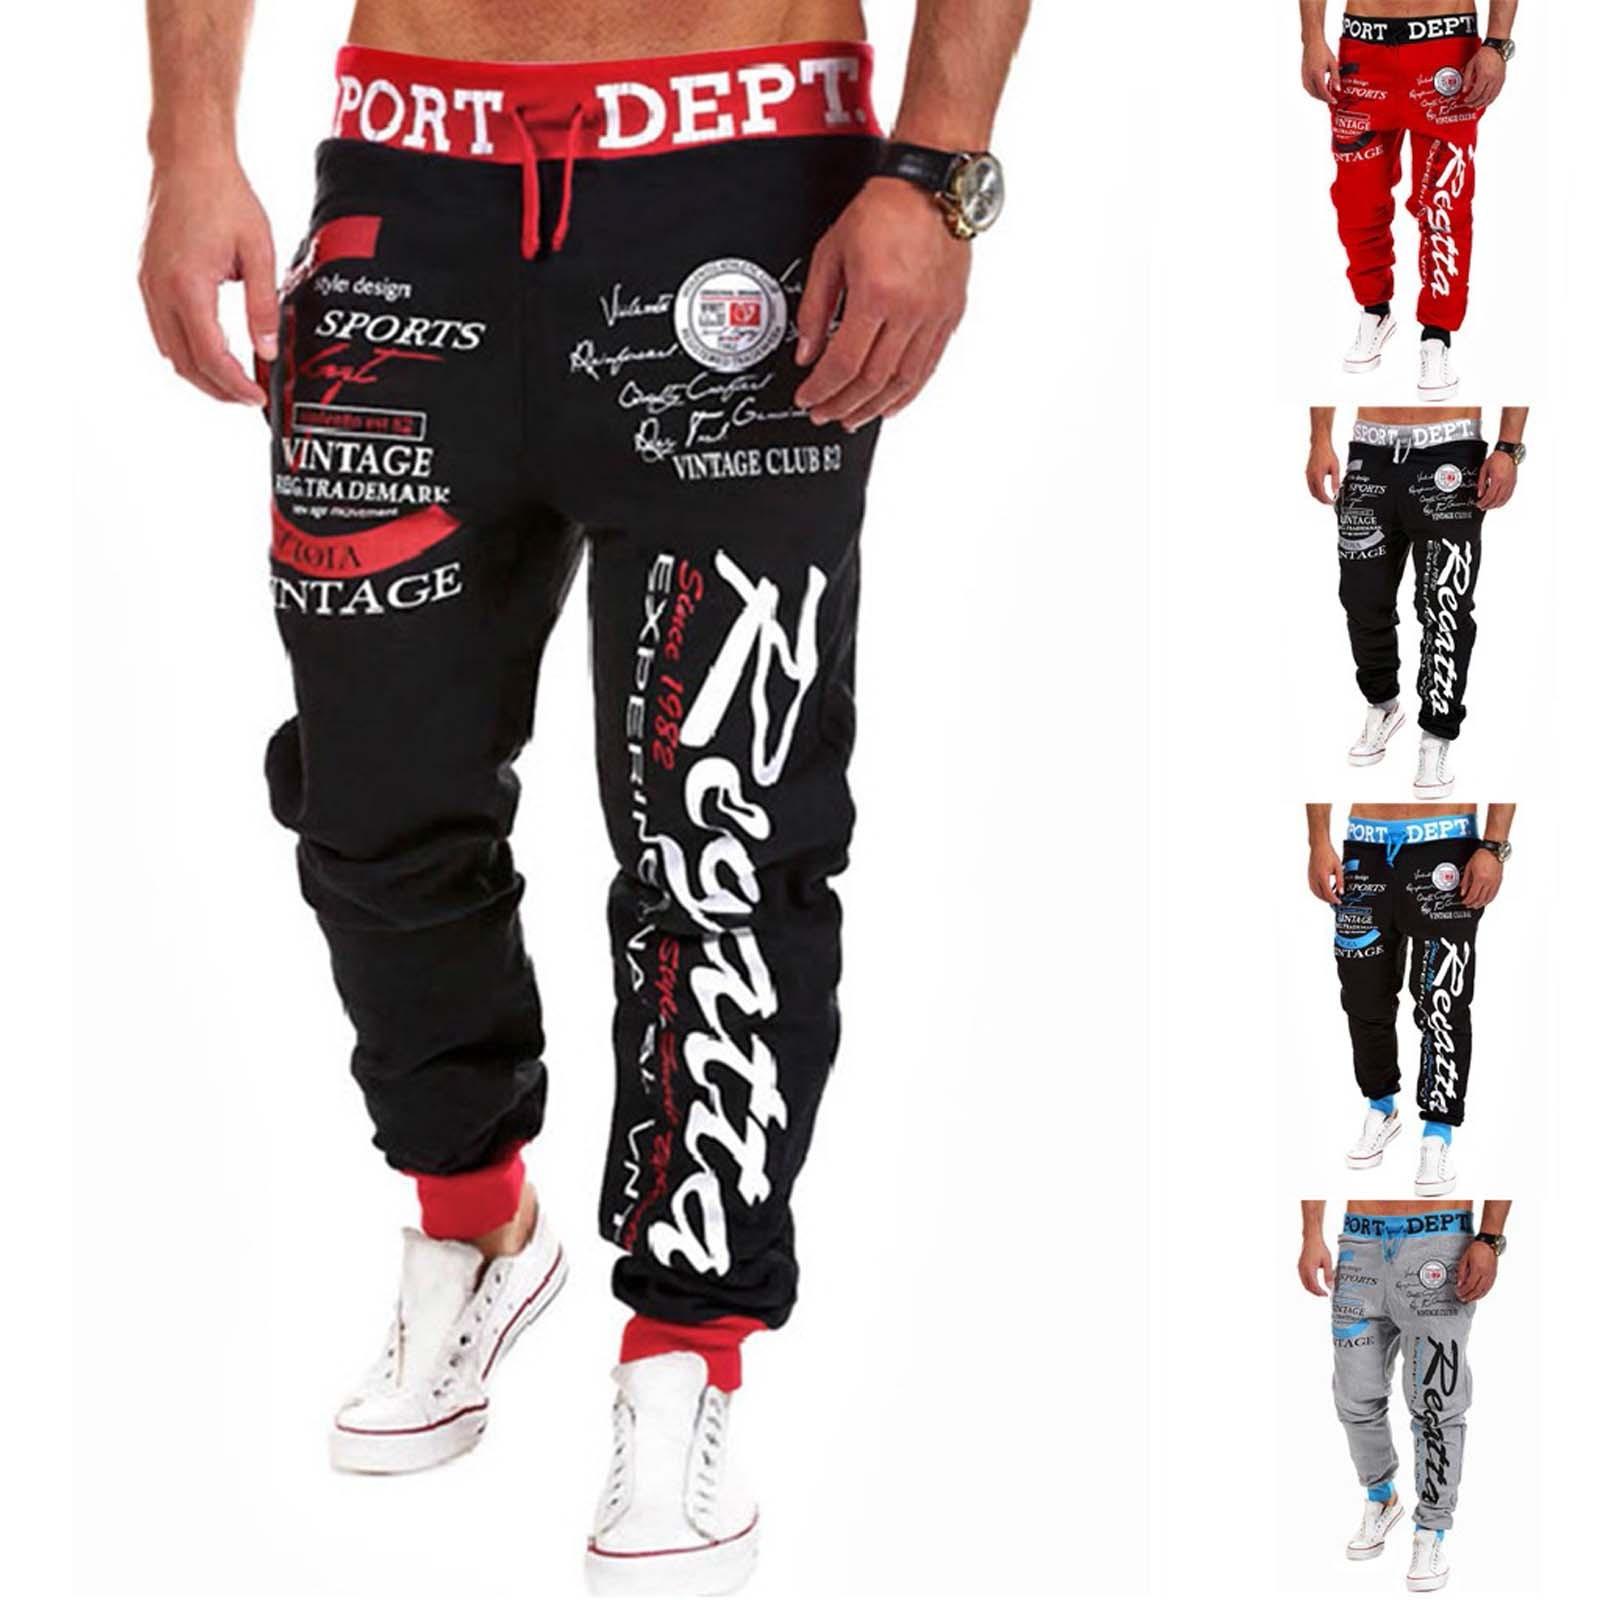 Для мужчин Повседневное Свободные Письмо печати шнурок Длинные штаны с эластичной резинкой на талии Штаны размера плюс Повседневное брюки Для мужчин Pantalones Hombre # c|Повседневные брюки|   | АлиЭкспресс